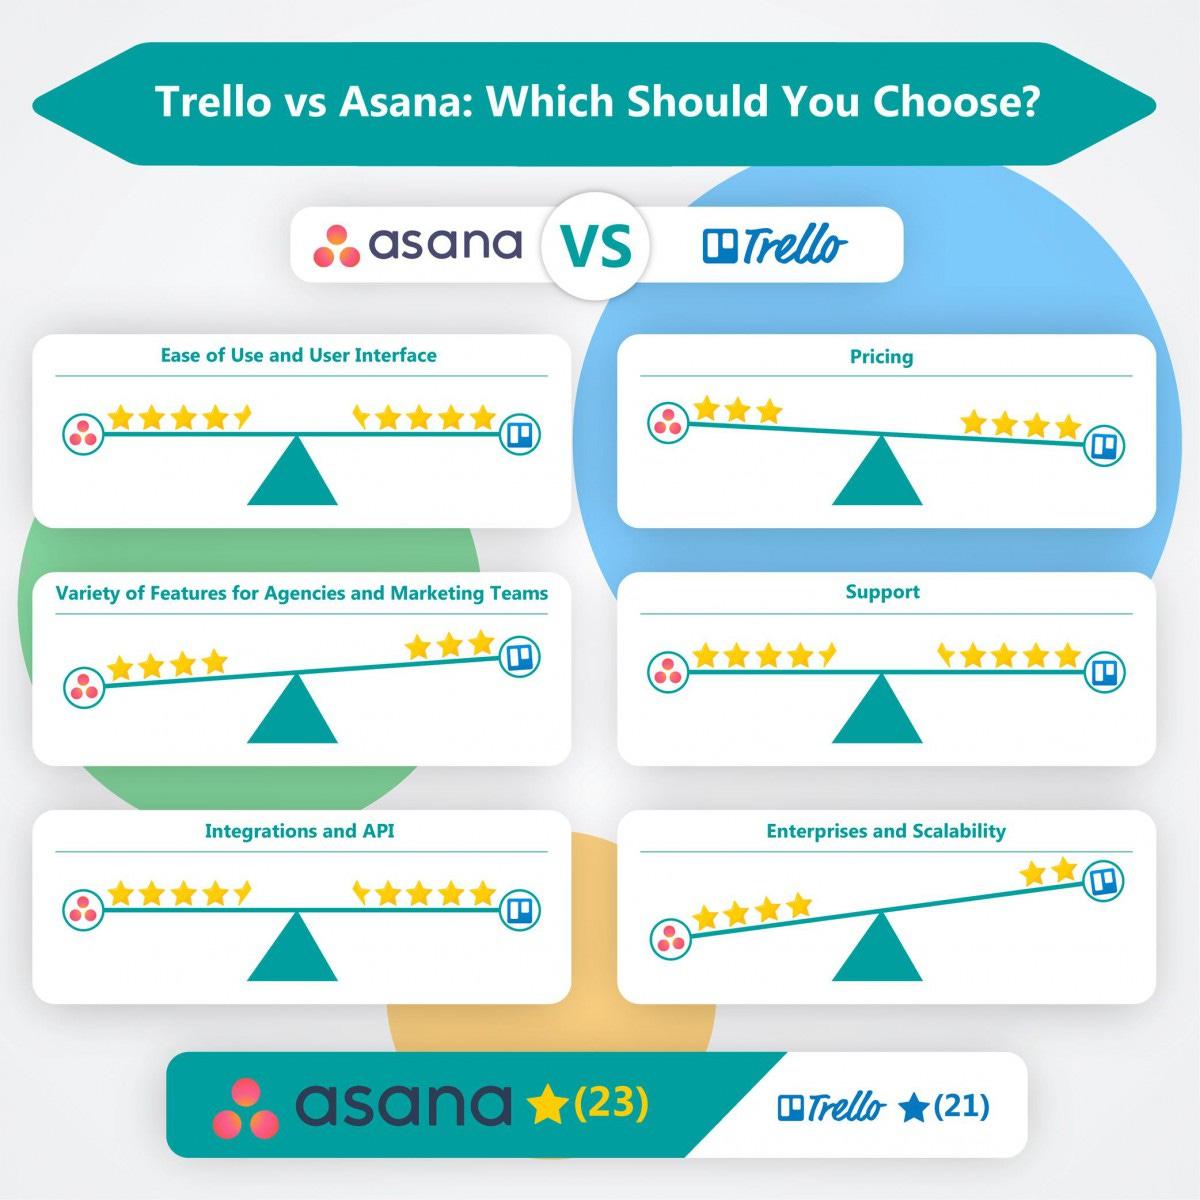 Trello VS Asana